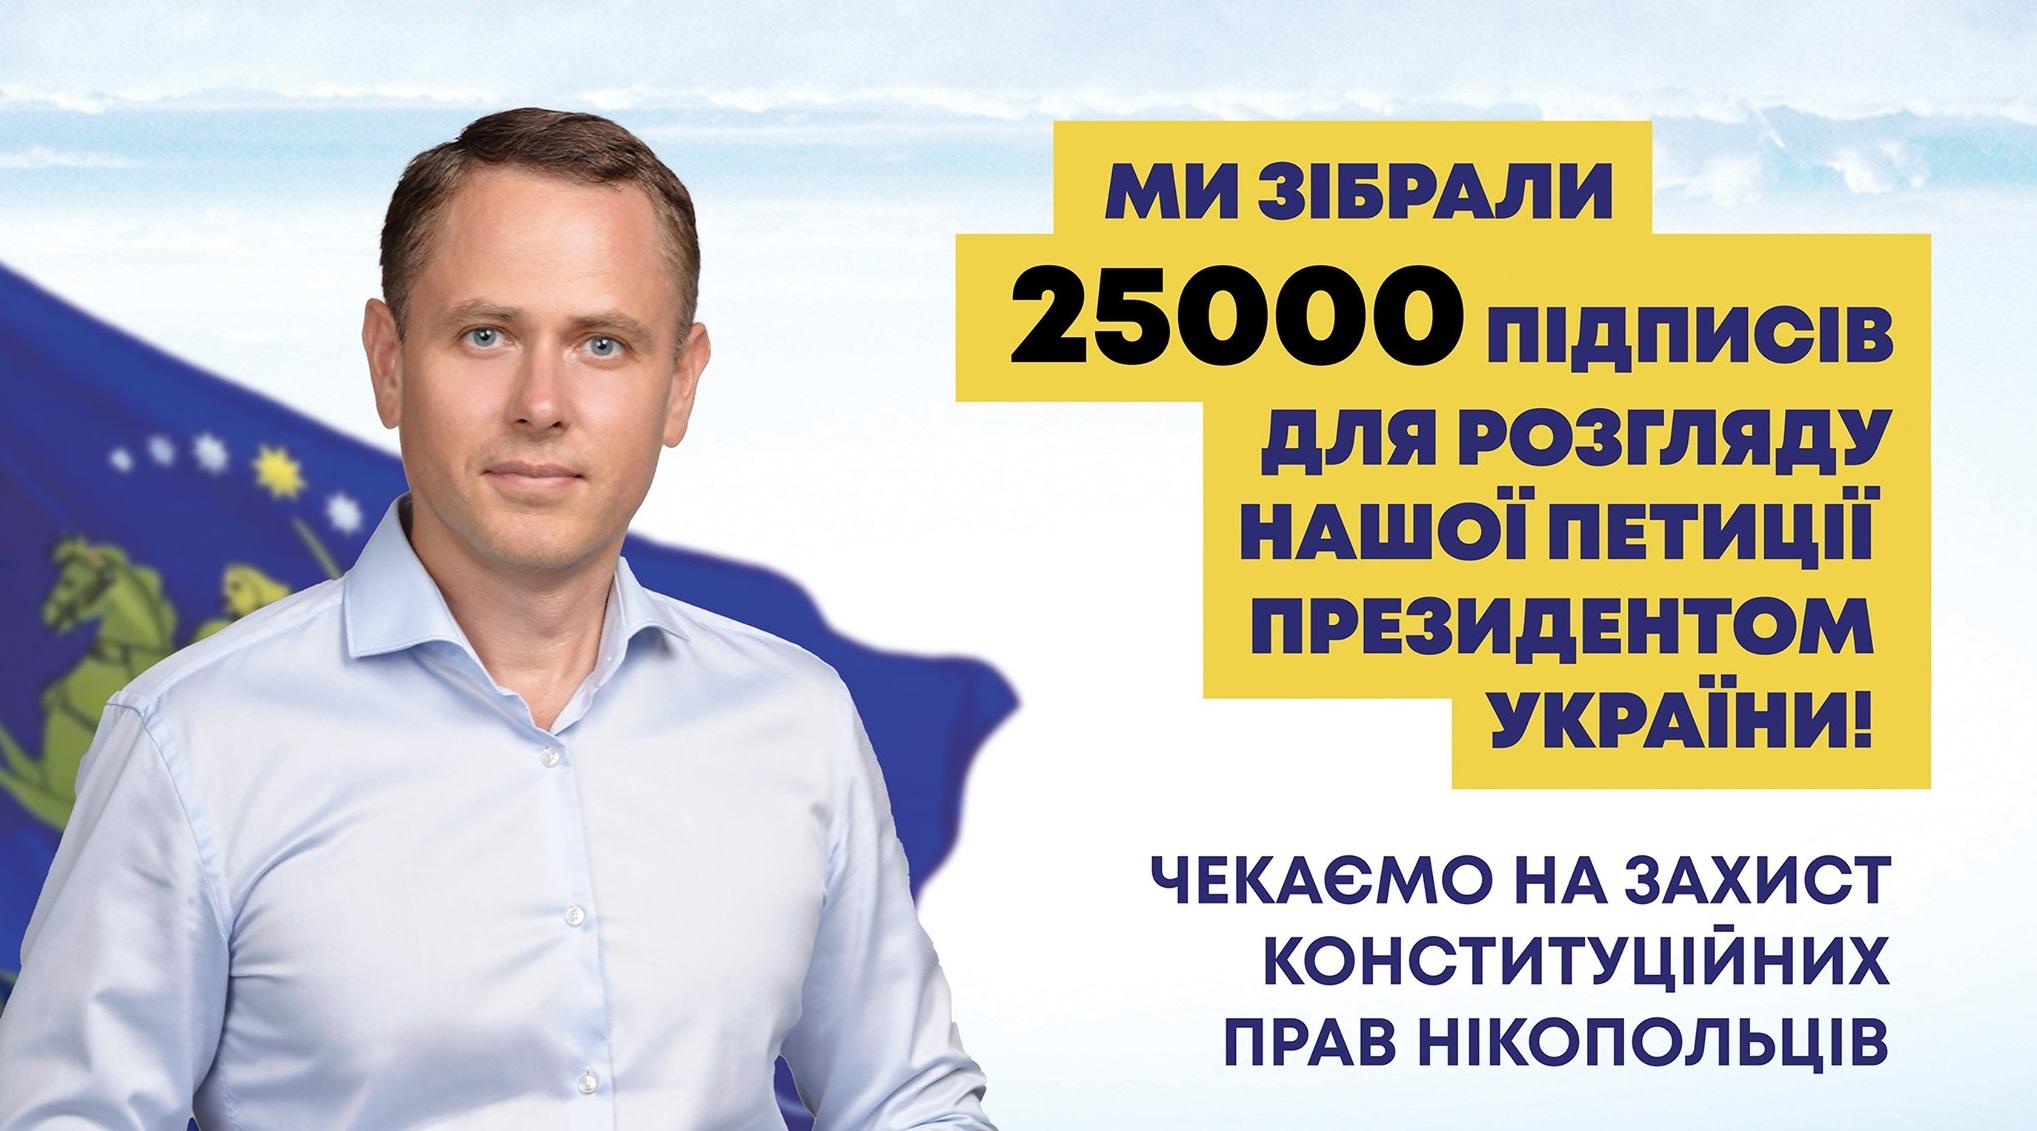 Опубликован ответ президента Зеленского на петицию по возвращению льгот 30-километровой зоны   Прихист